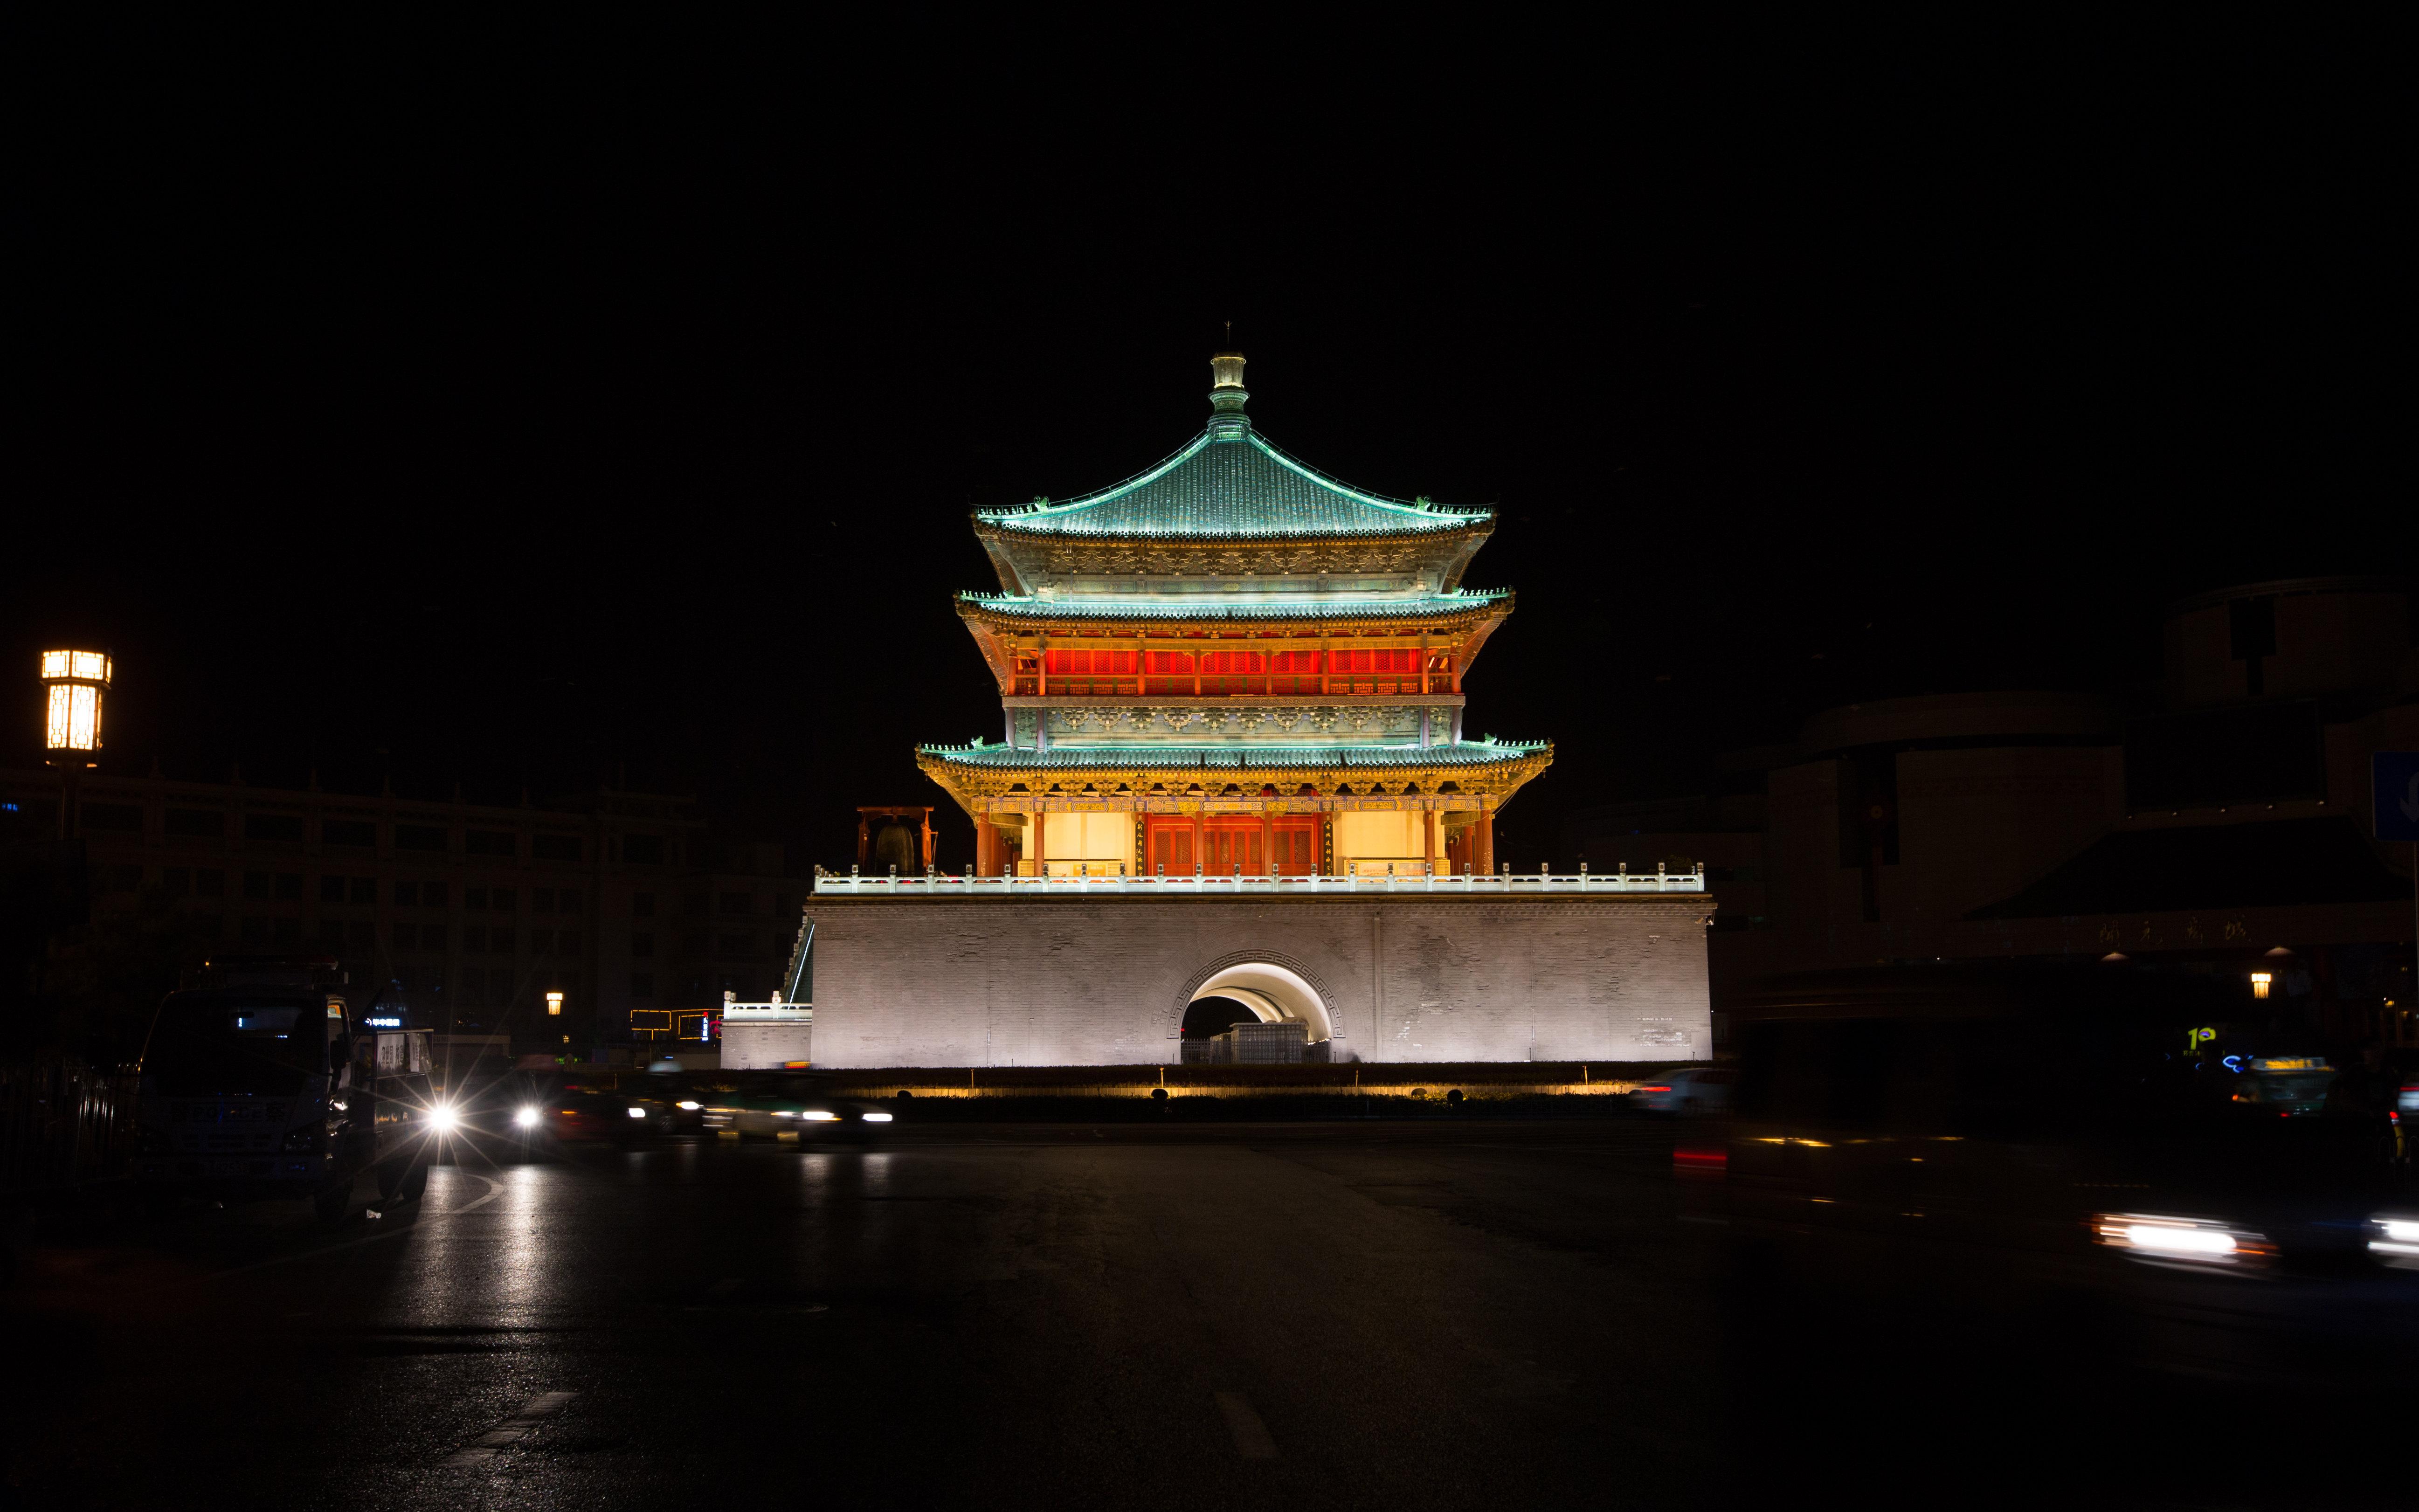 临汾苏三监狱旅游景点简介,图片,旅游信息推荐-2345